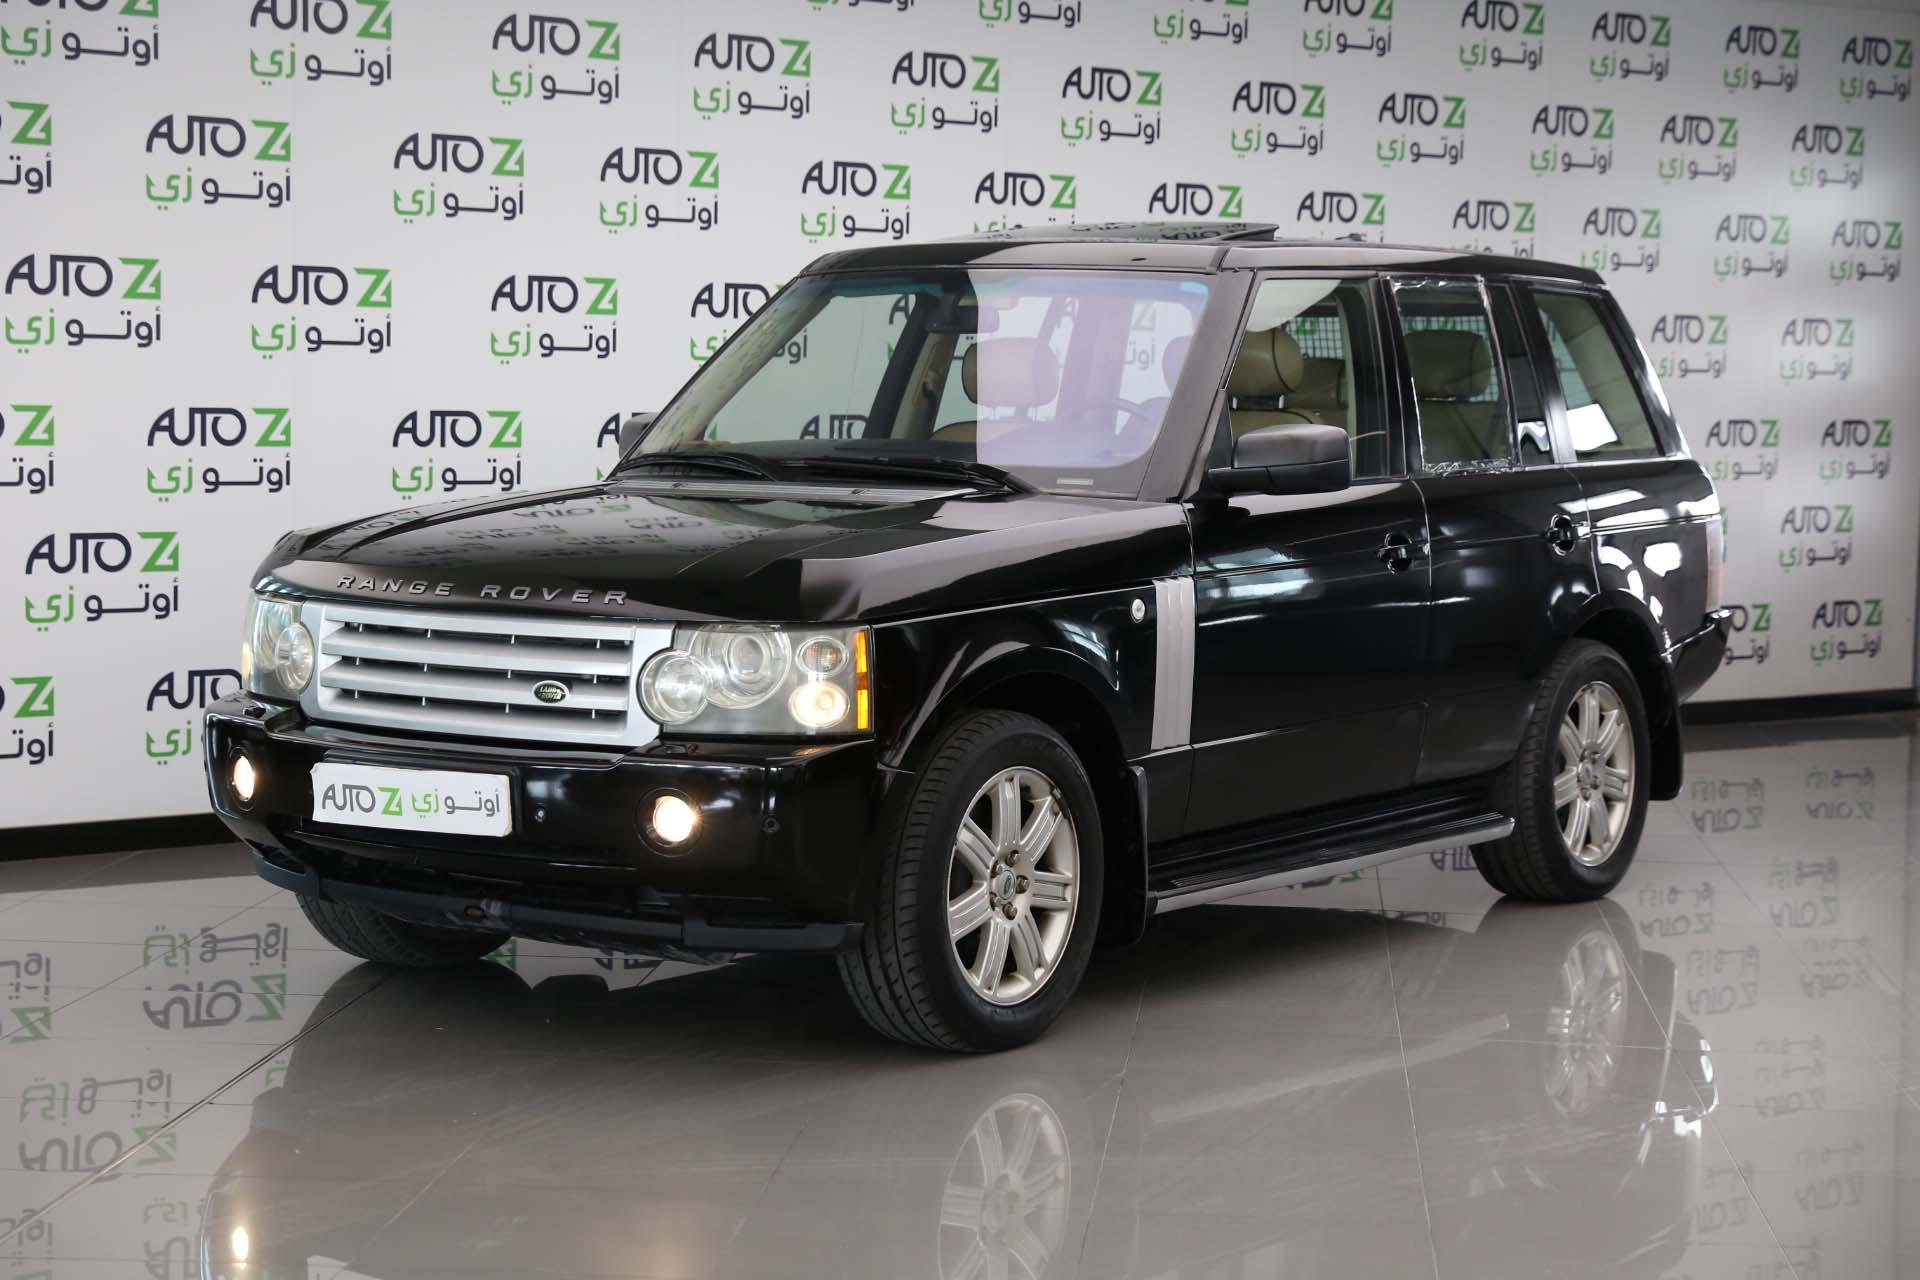 Range Rover Vogue HSE—2006